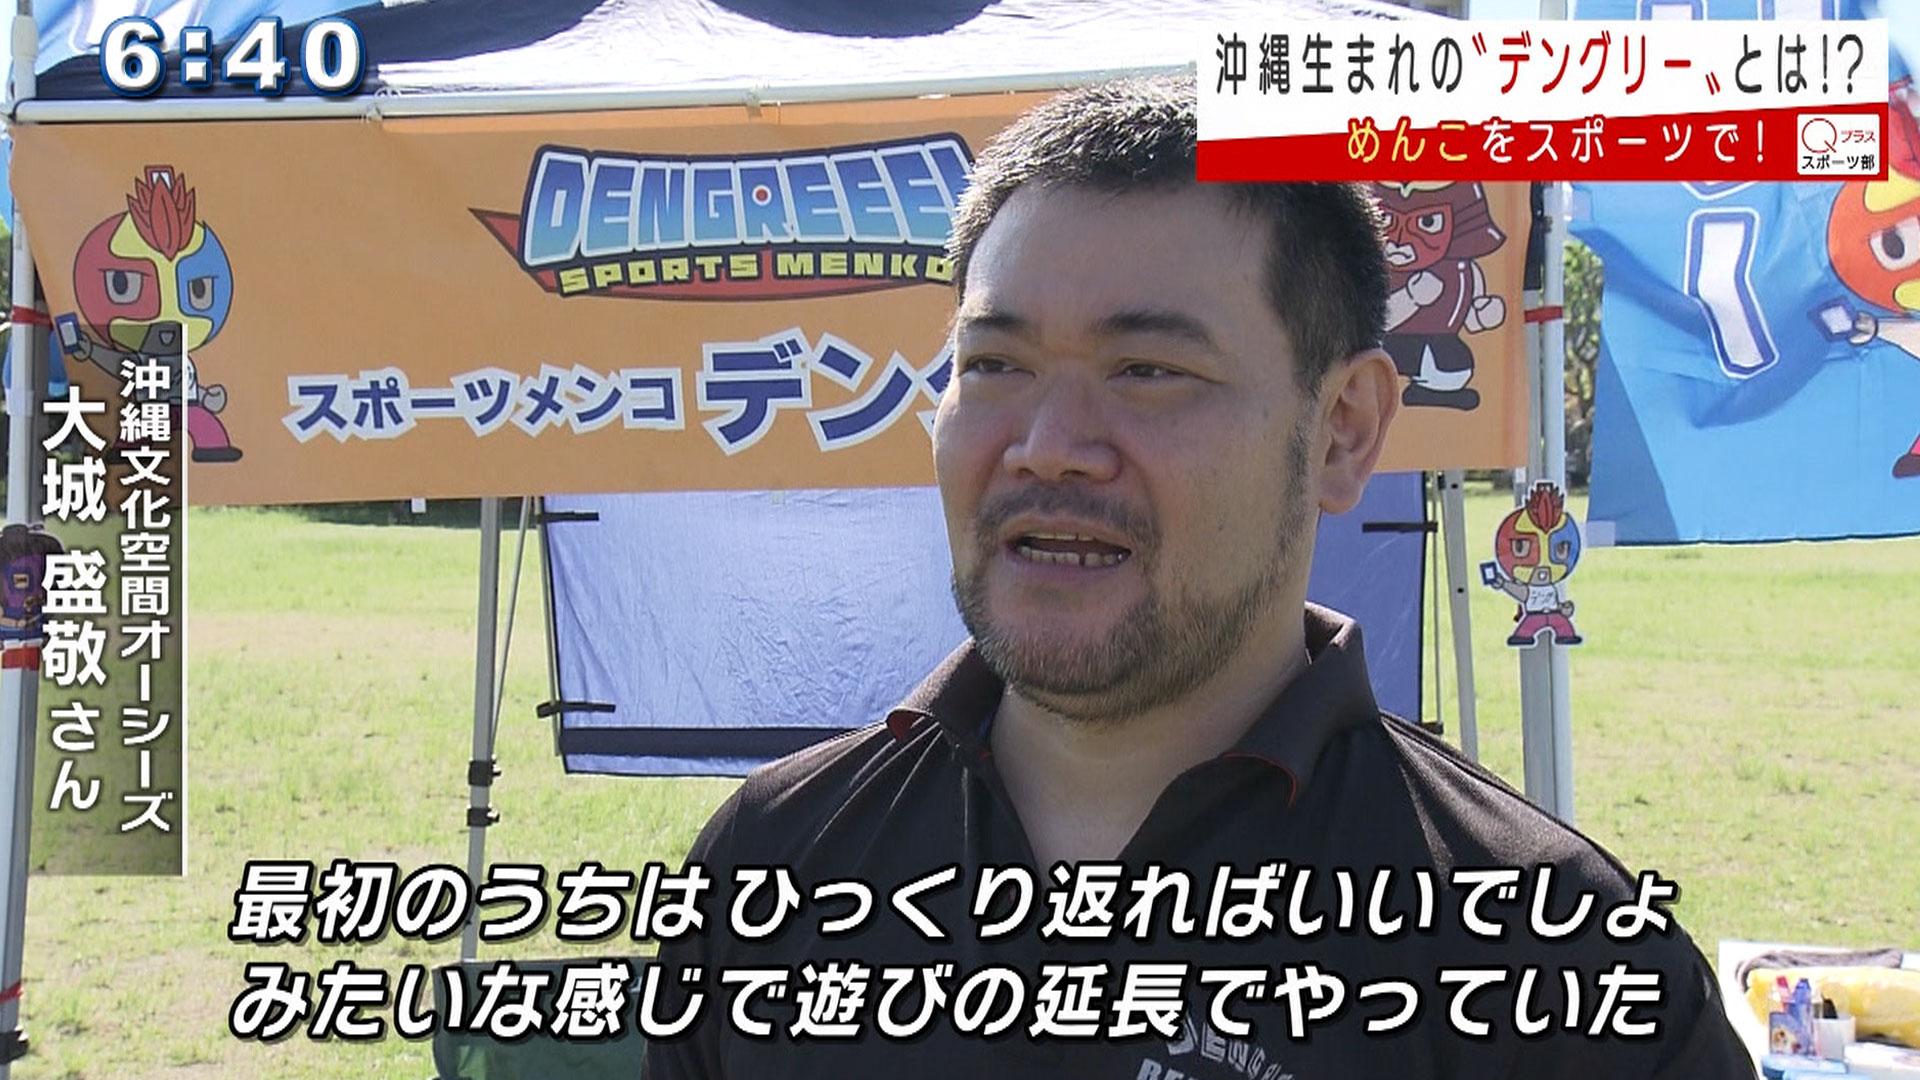 沖縄生まれのスポーツ「デングリー」って?